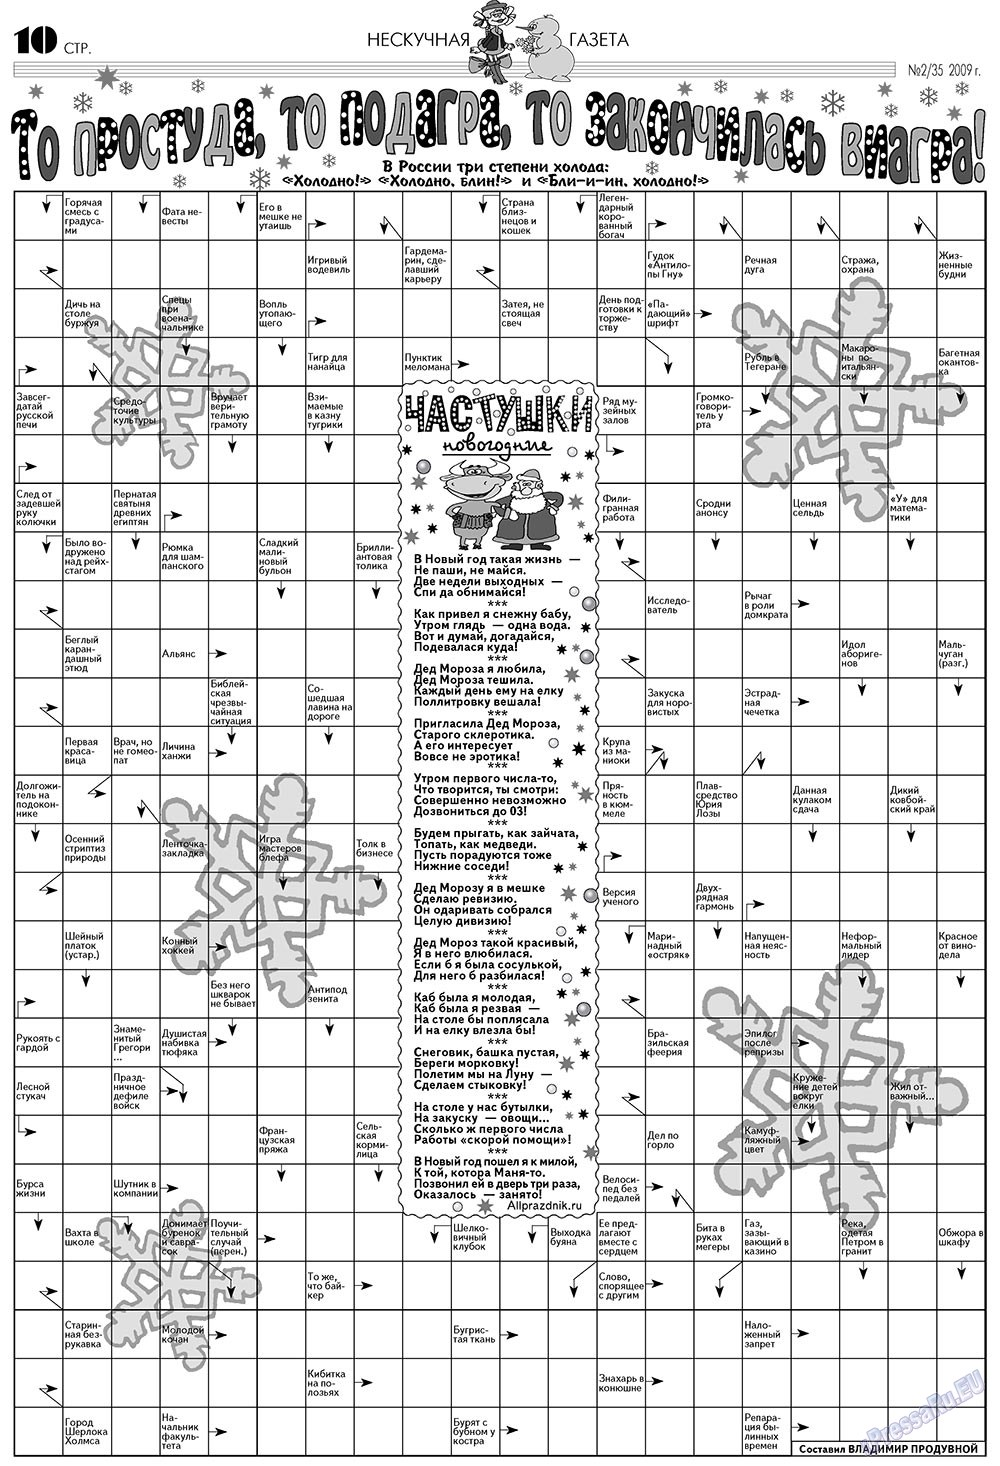 Нескучная газета (газета). 2009 год, номер 2, стр. 10